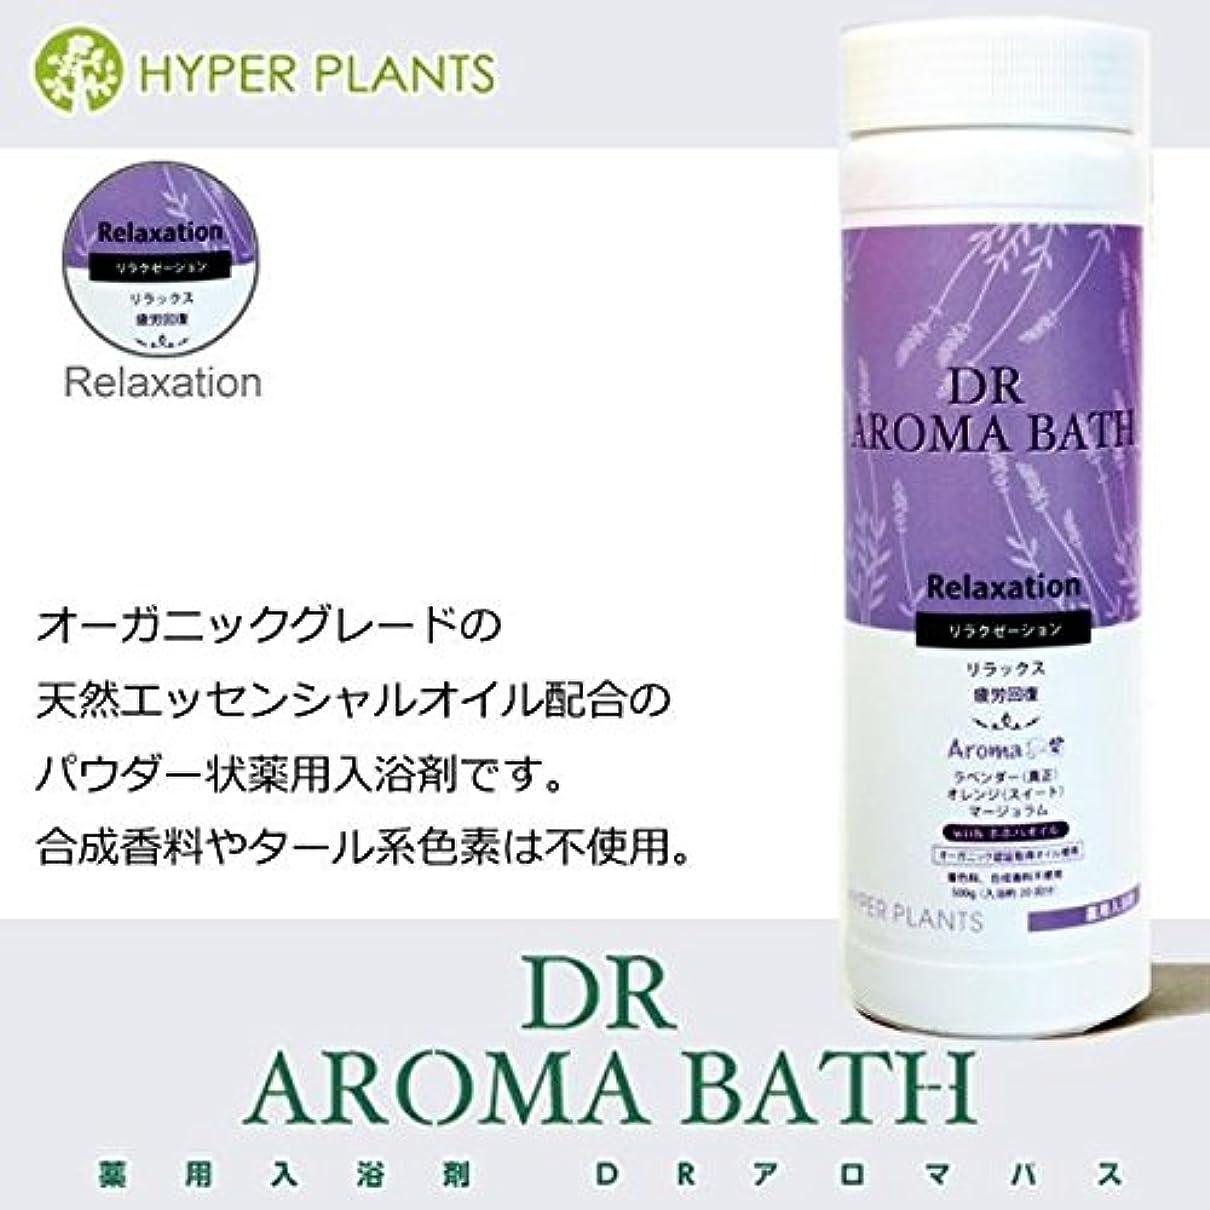 配る仲人家畜医薬部外品 薬用入浴剤 ハイパープランツ(HYPER PLANTS) DRアロマバス リラクゼーション 500g HNB001